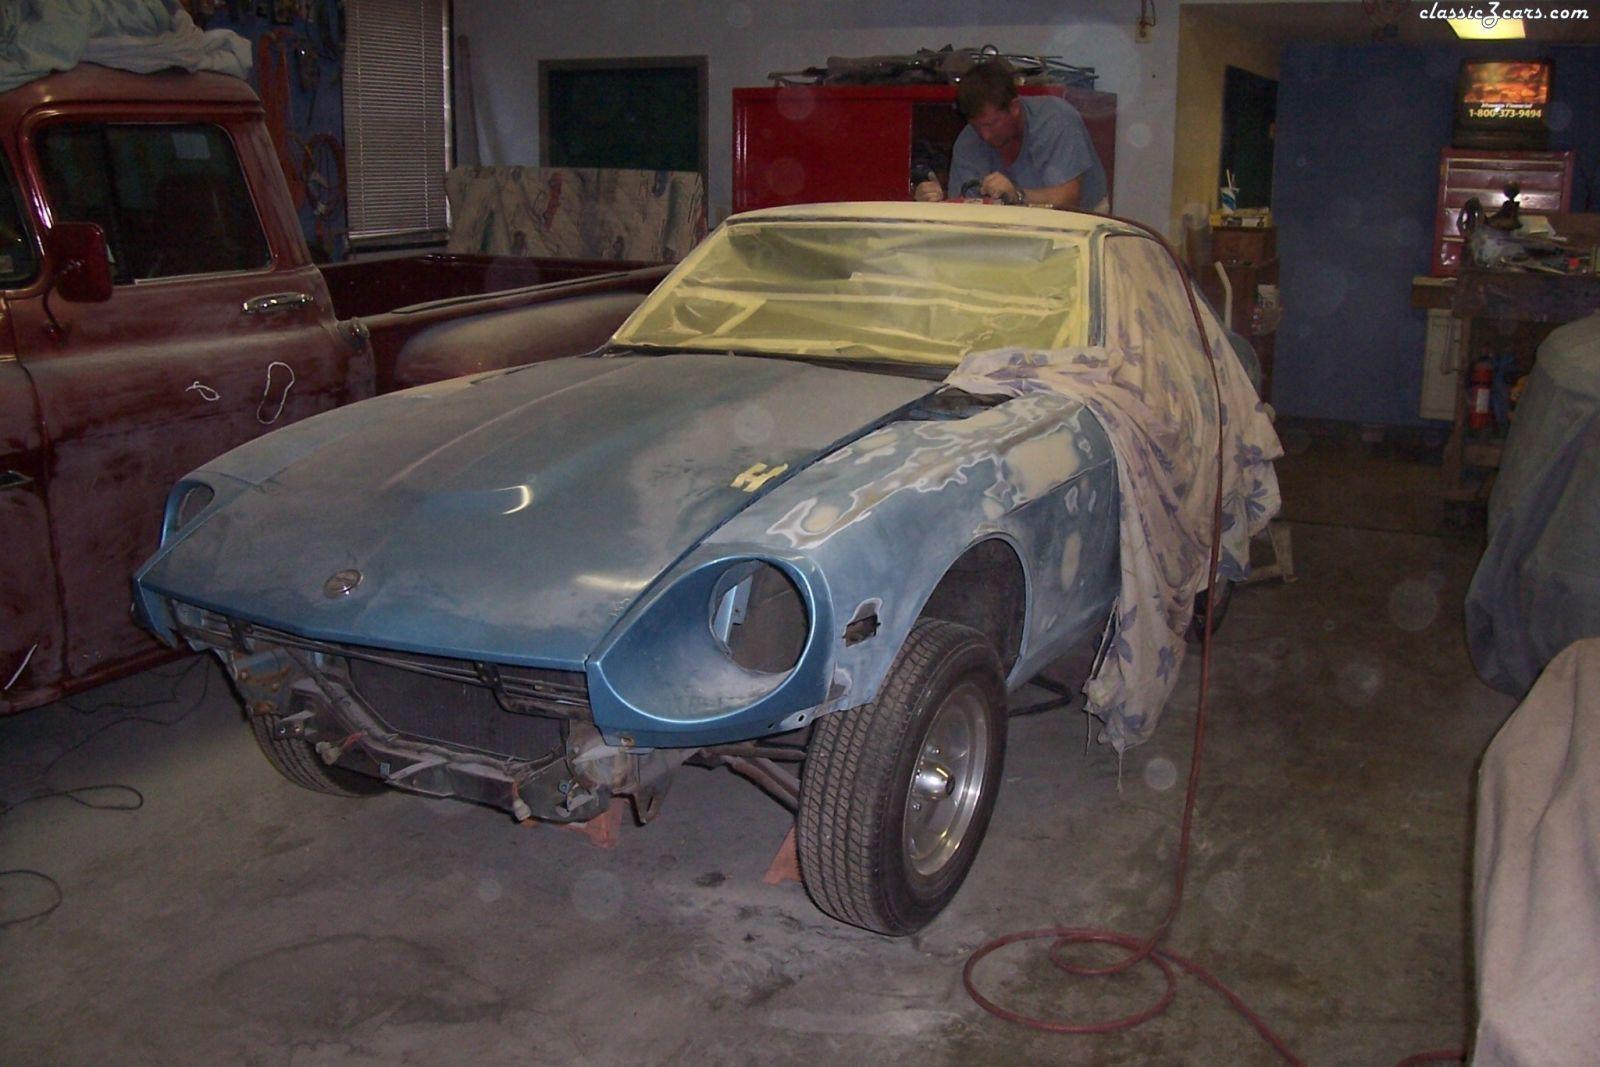 paplein's 1974 260Z